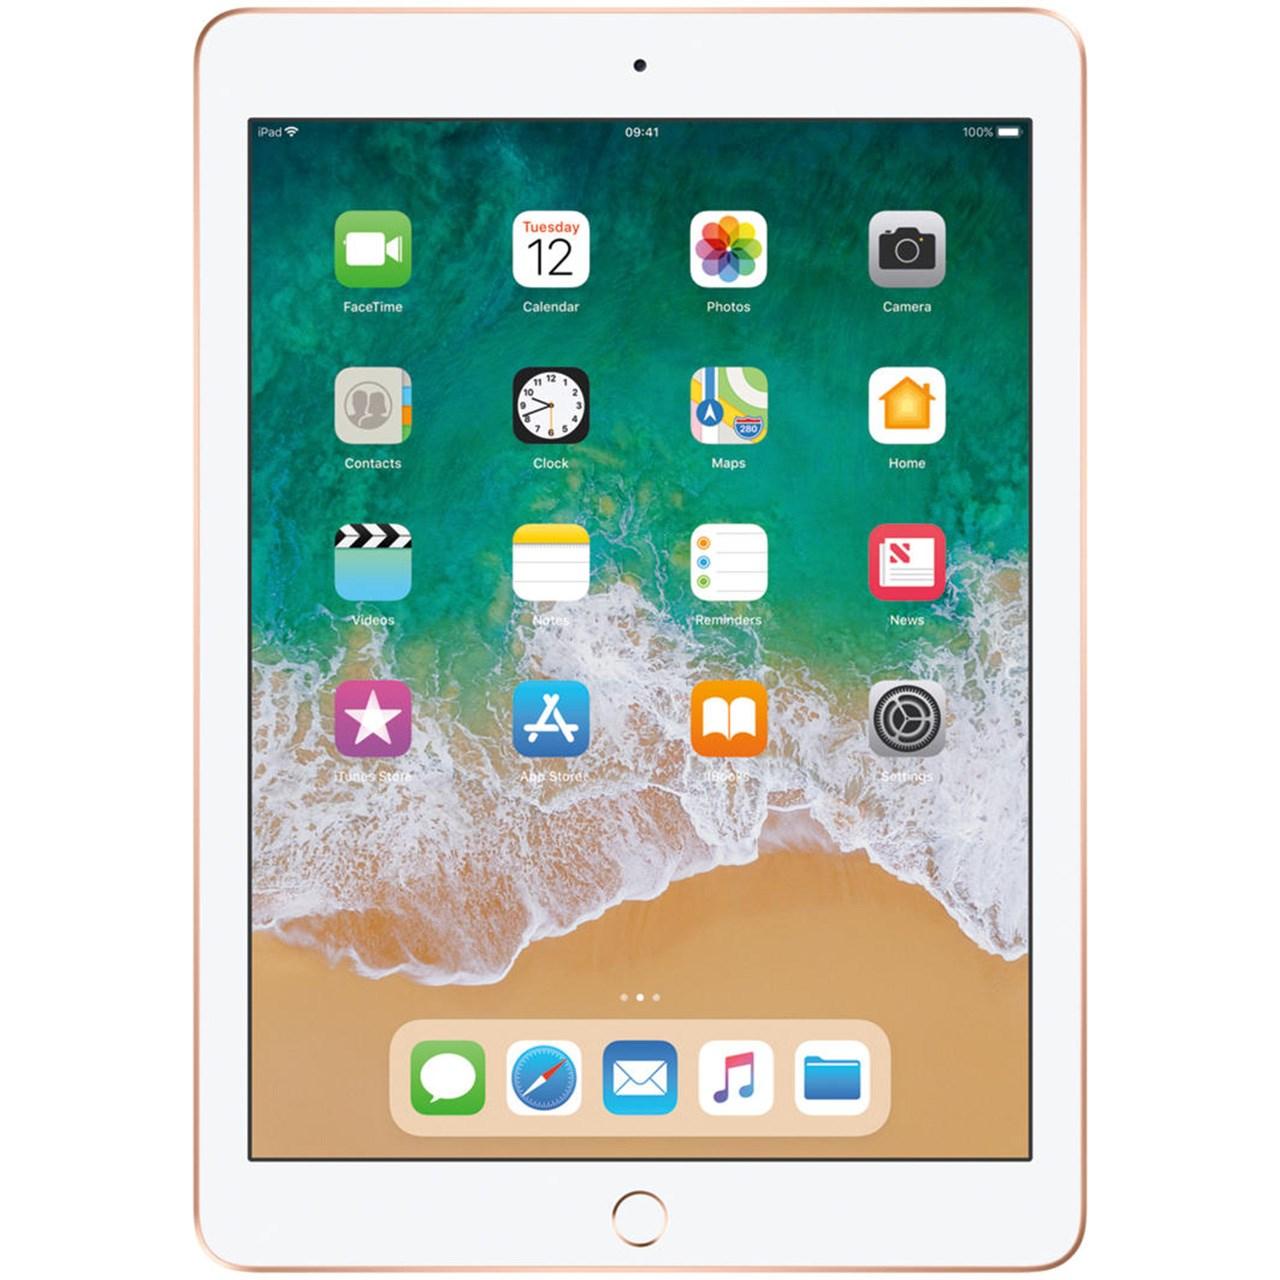 تبلت اپل مدل iPad 9.7 inch (2018) 4G ظرفیت 32 گیگابایت